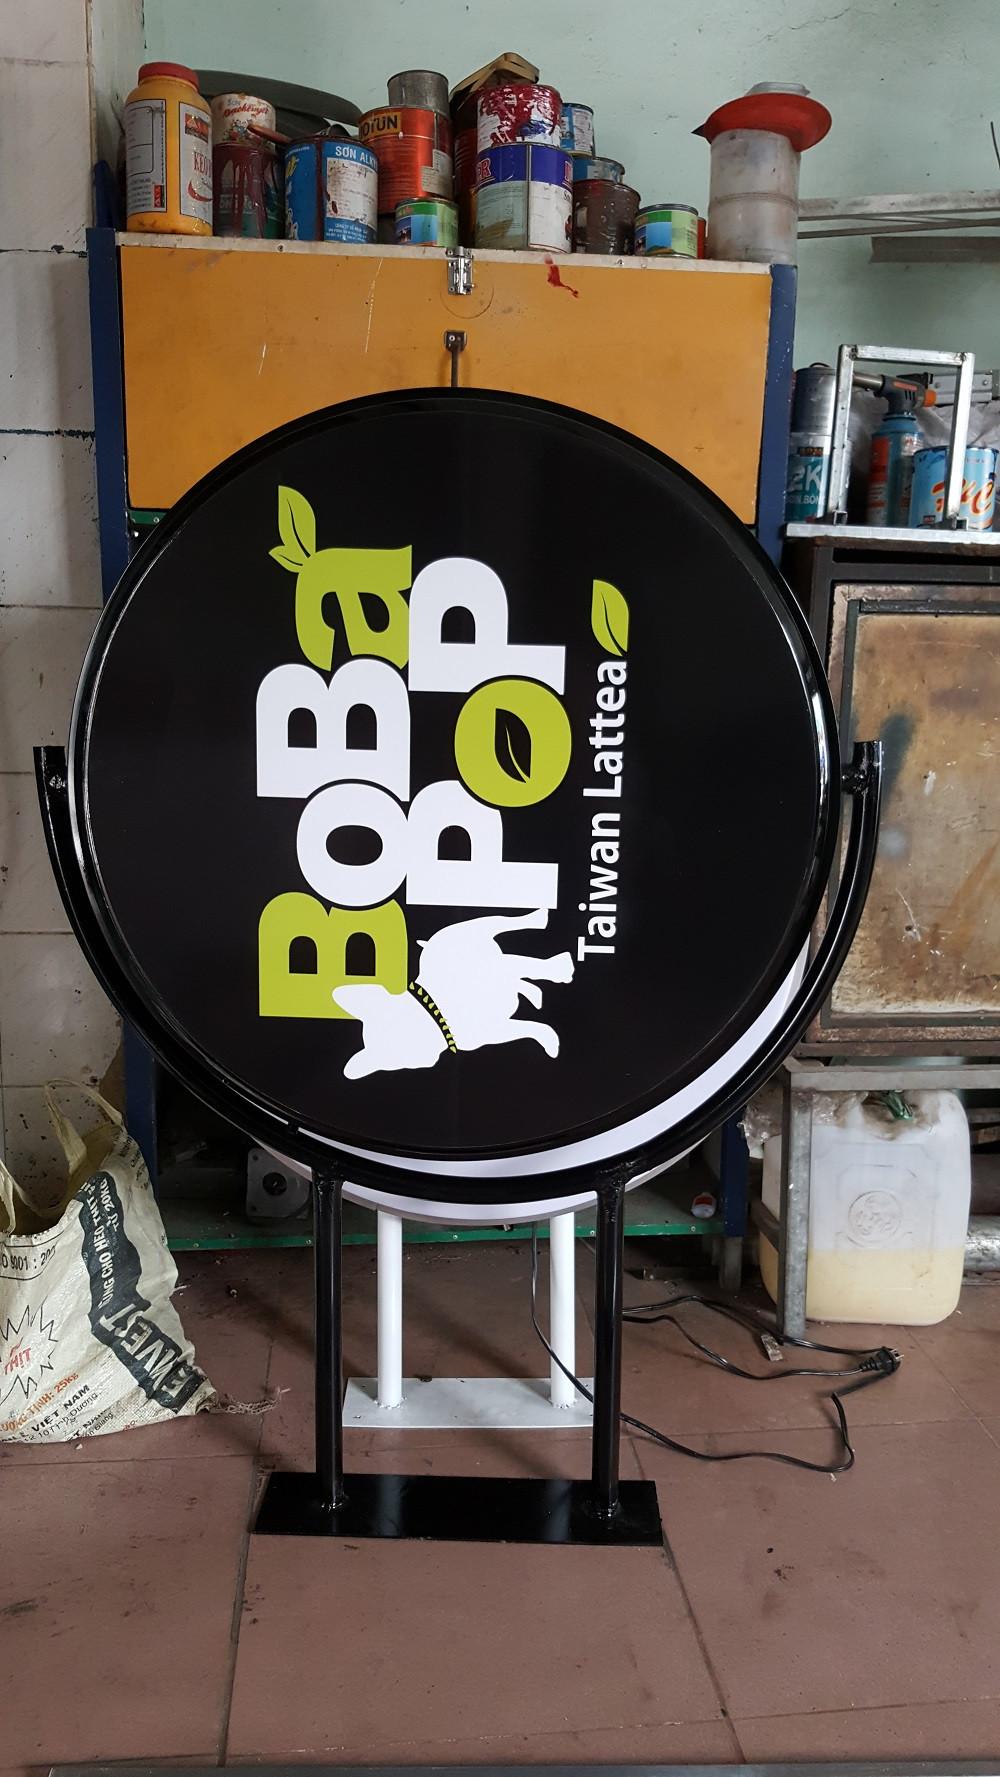 Thi công làm bảng hiệu quán trà sữa - làm bảng hiệu hộp đèn cho thương hiệu trà sữa Đài Loan - BoBaPop